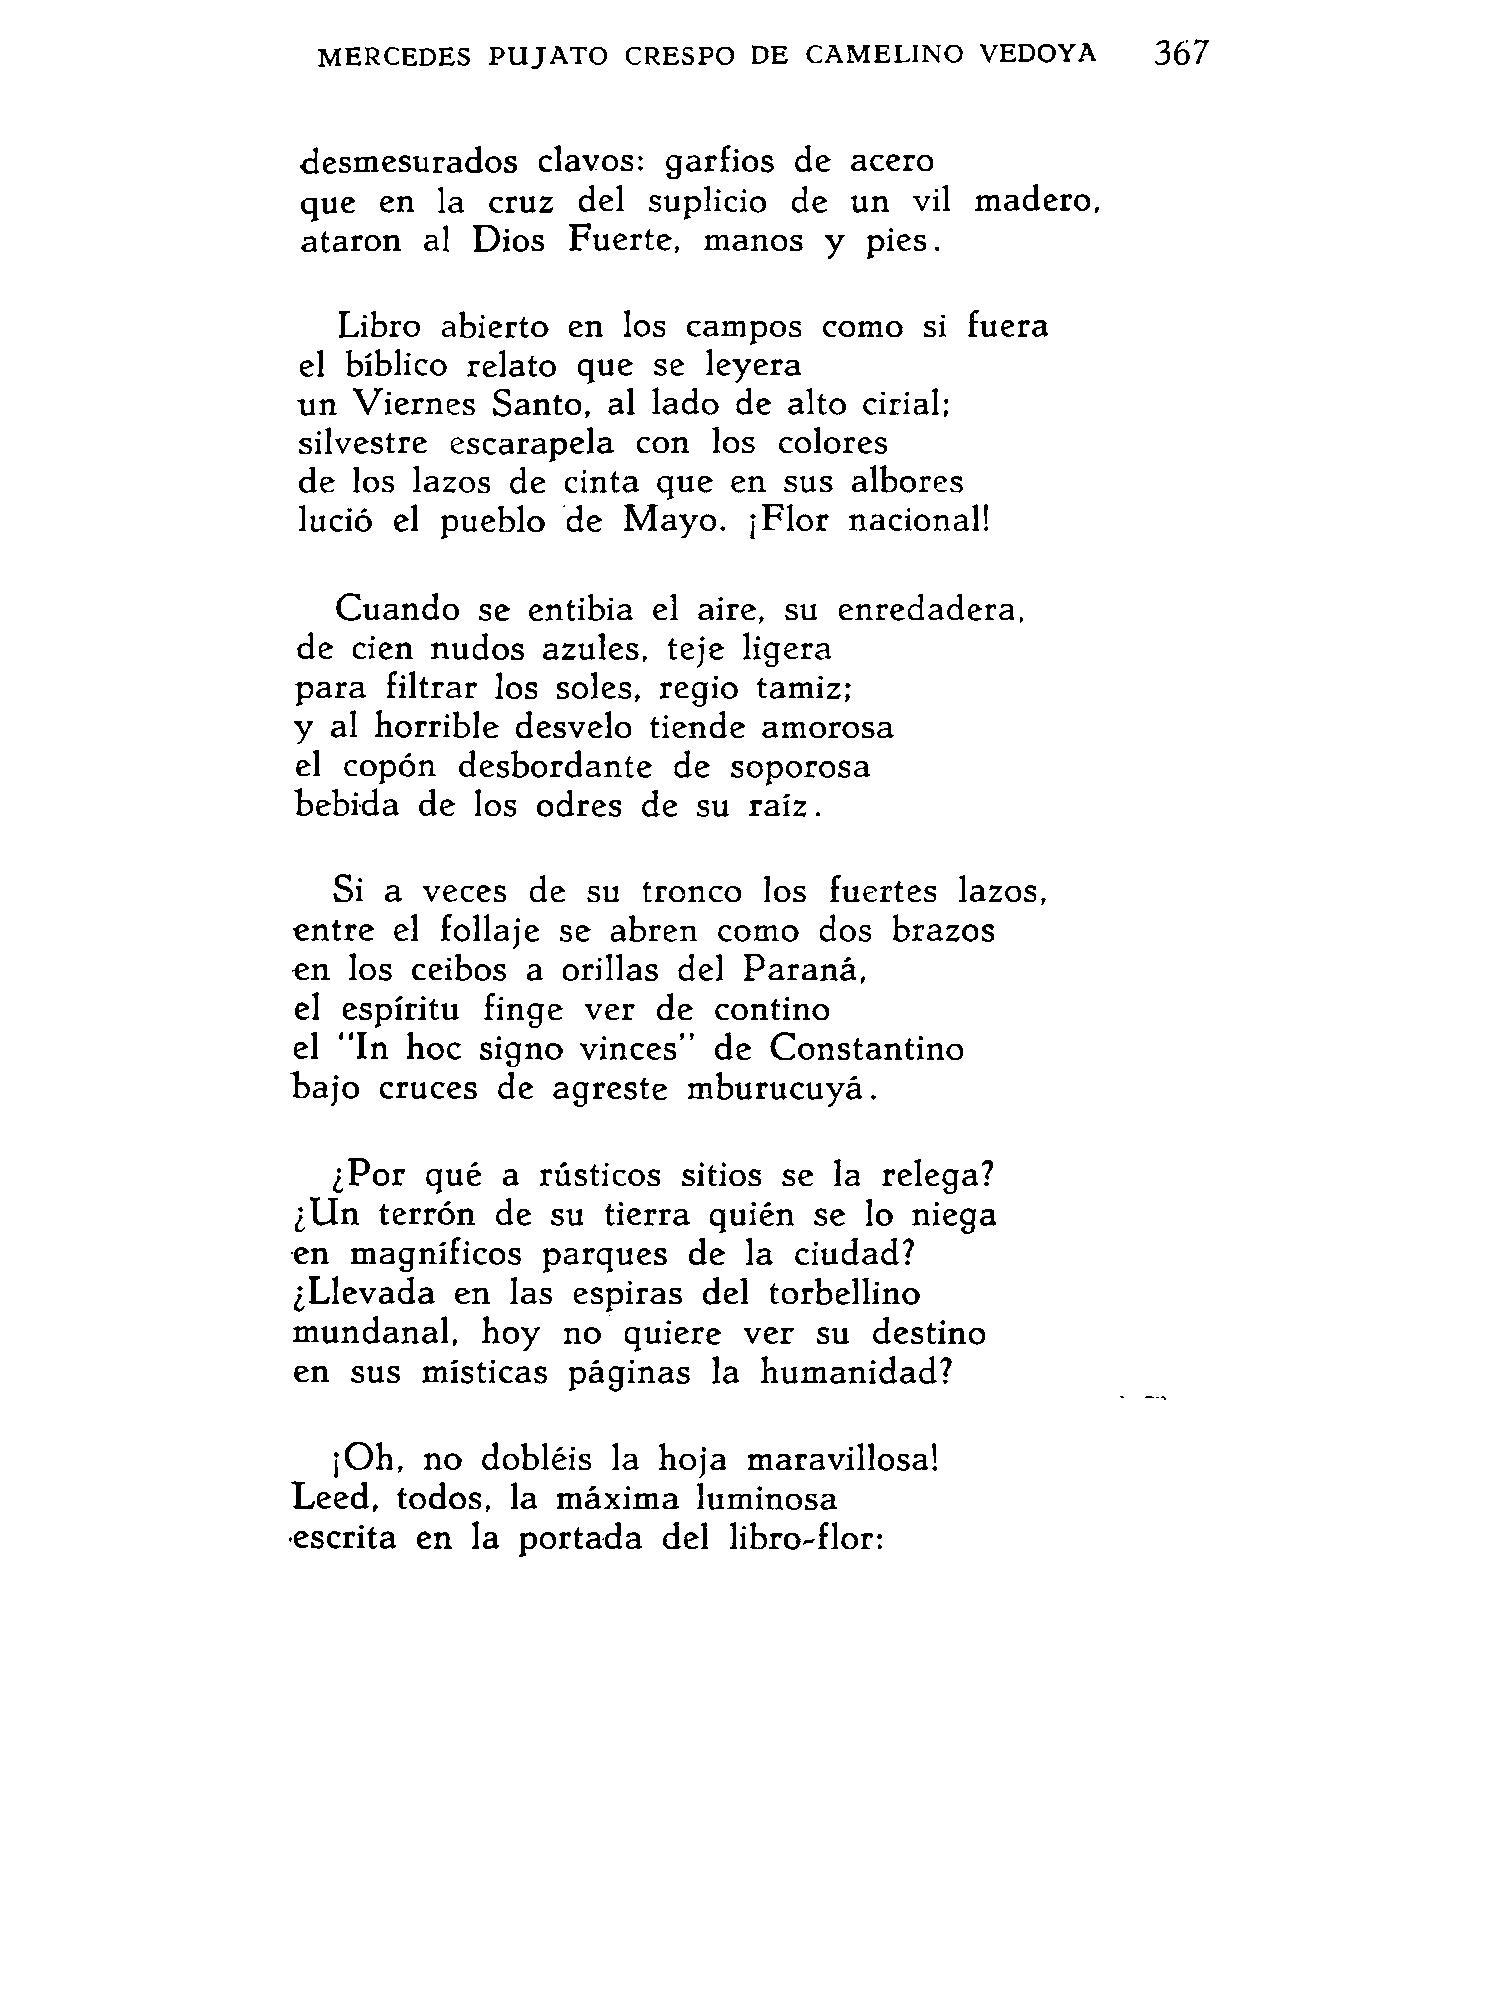 P gina antologia poesia femenina for Paginas de chimentos de argentina